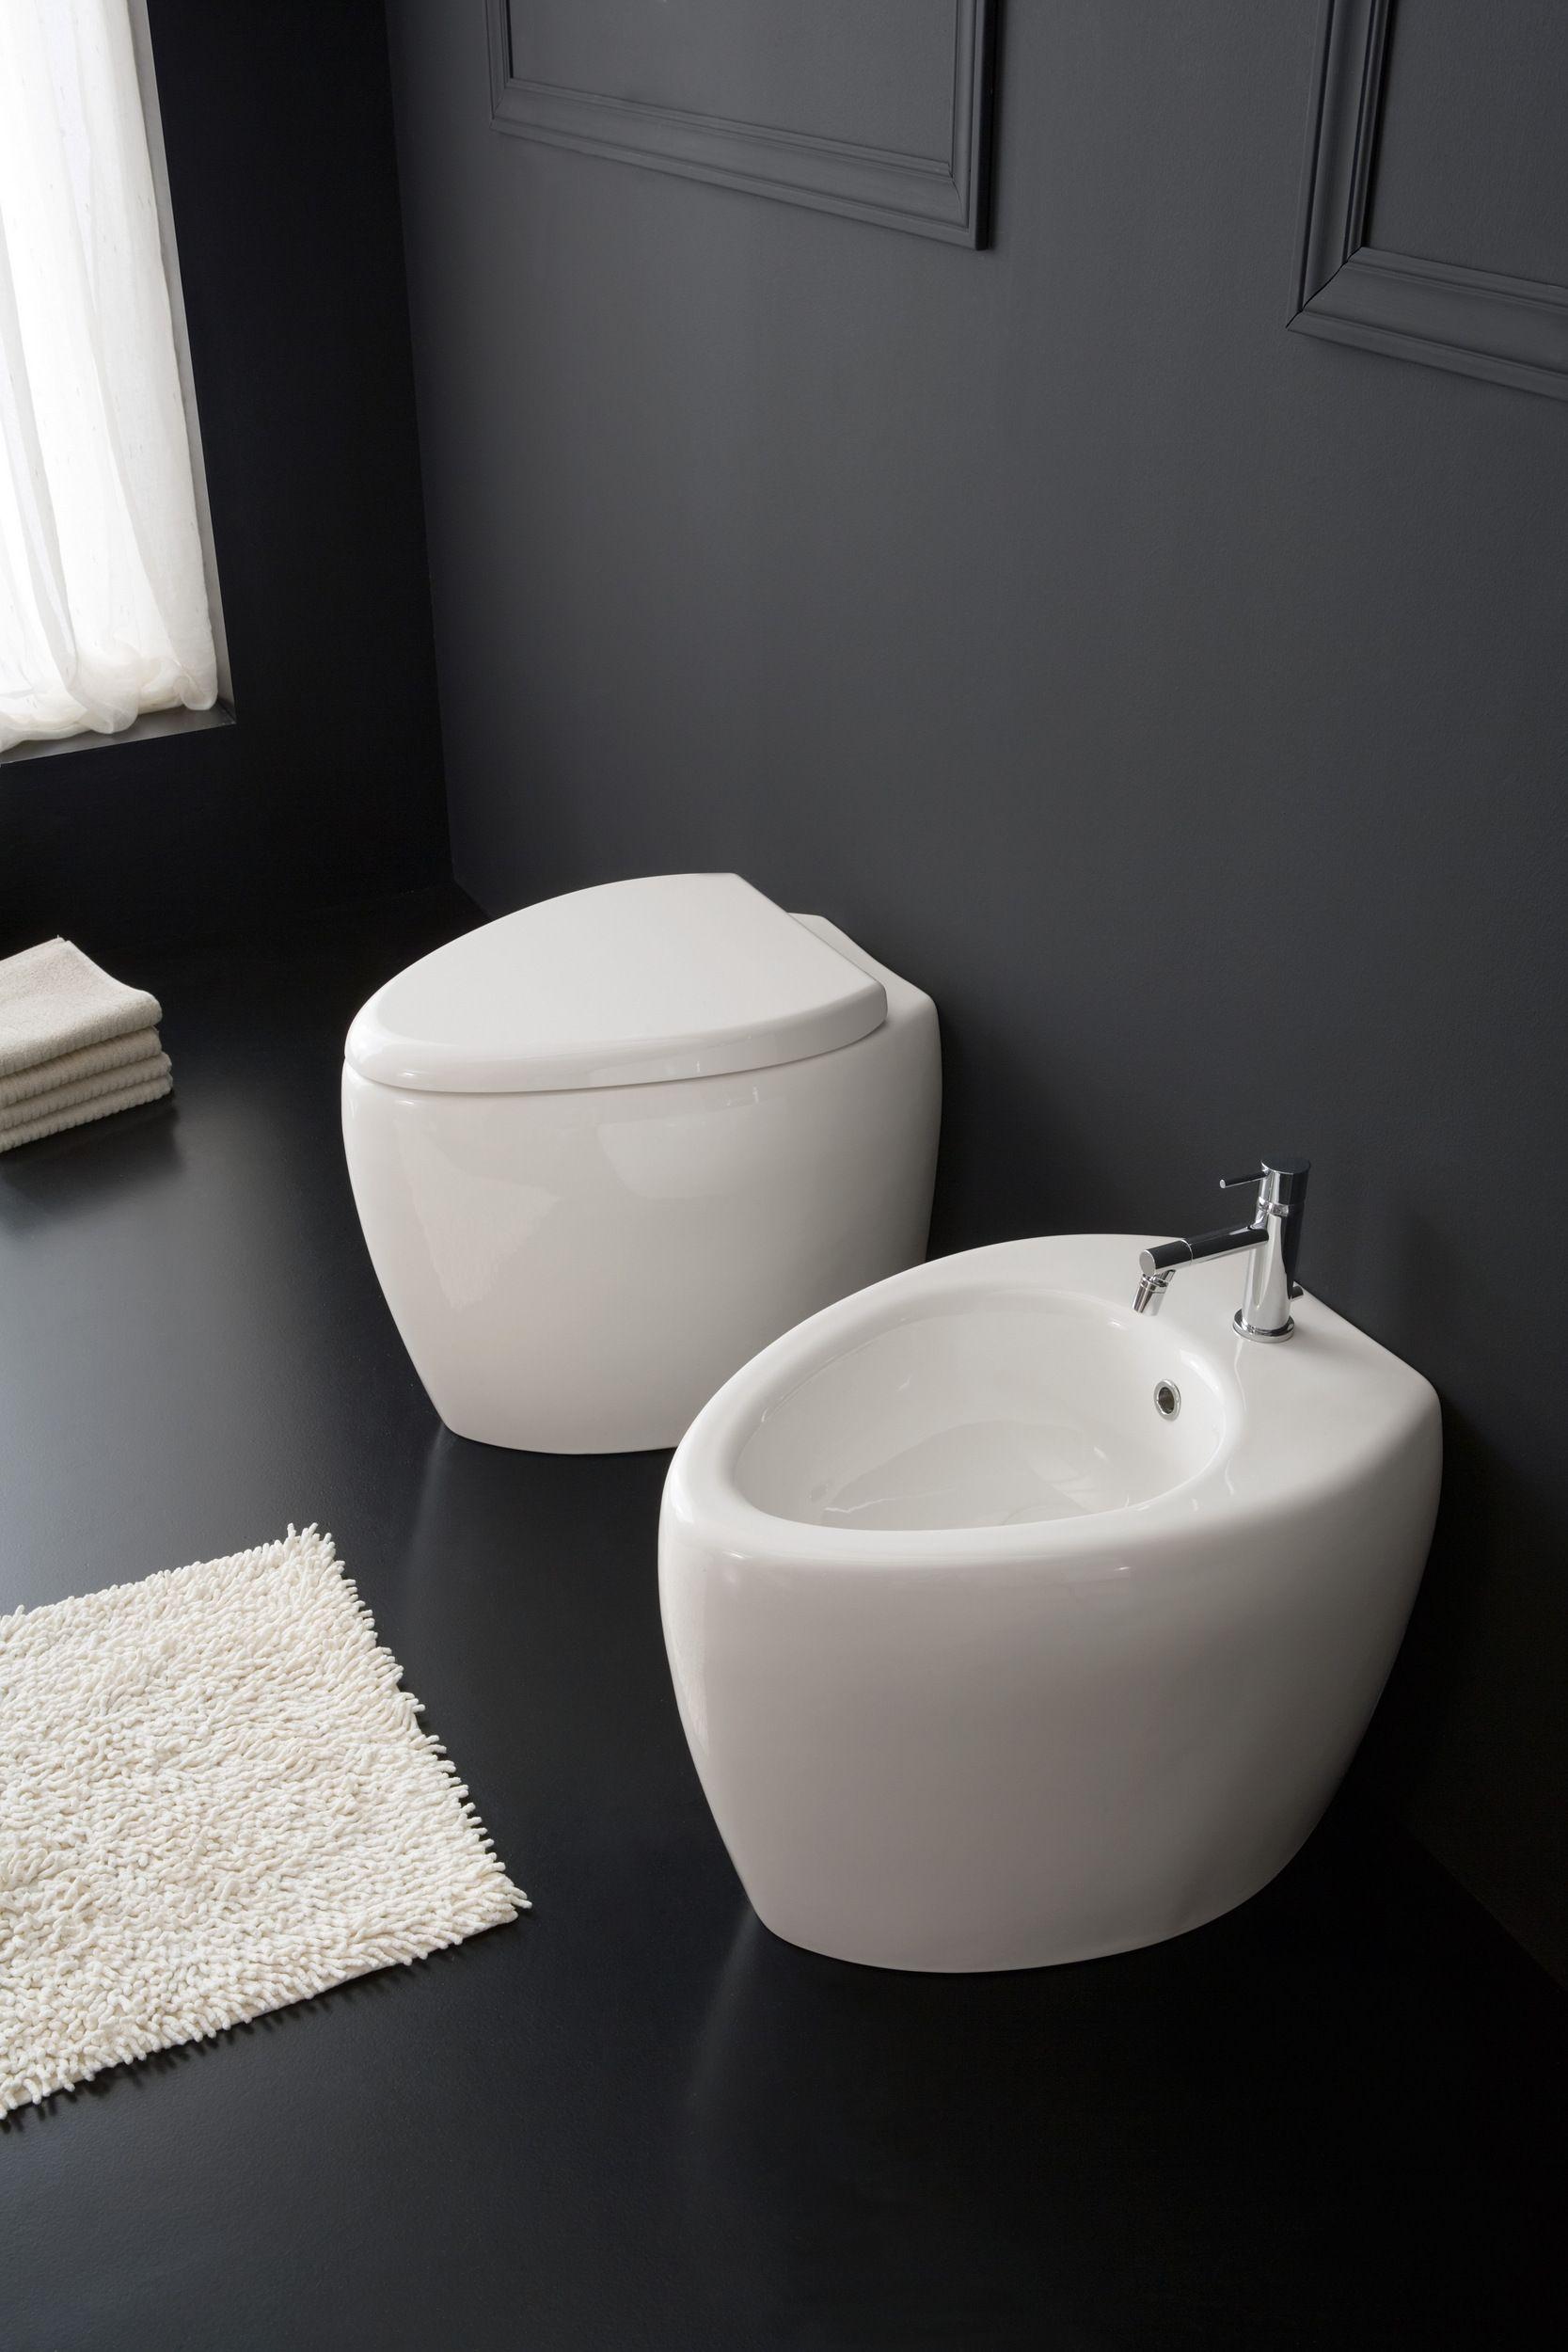 Контрастное черно-белое сочетание в ванной